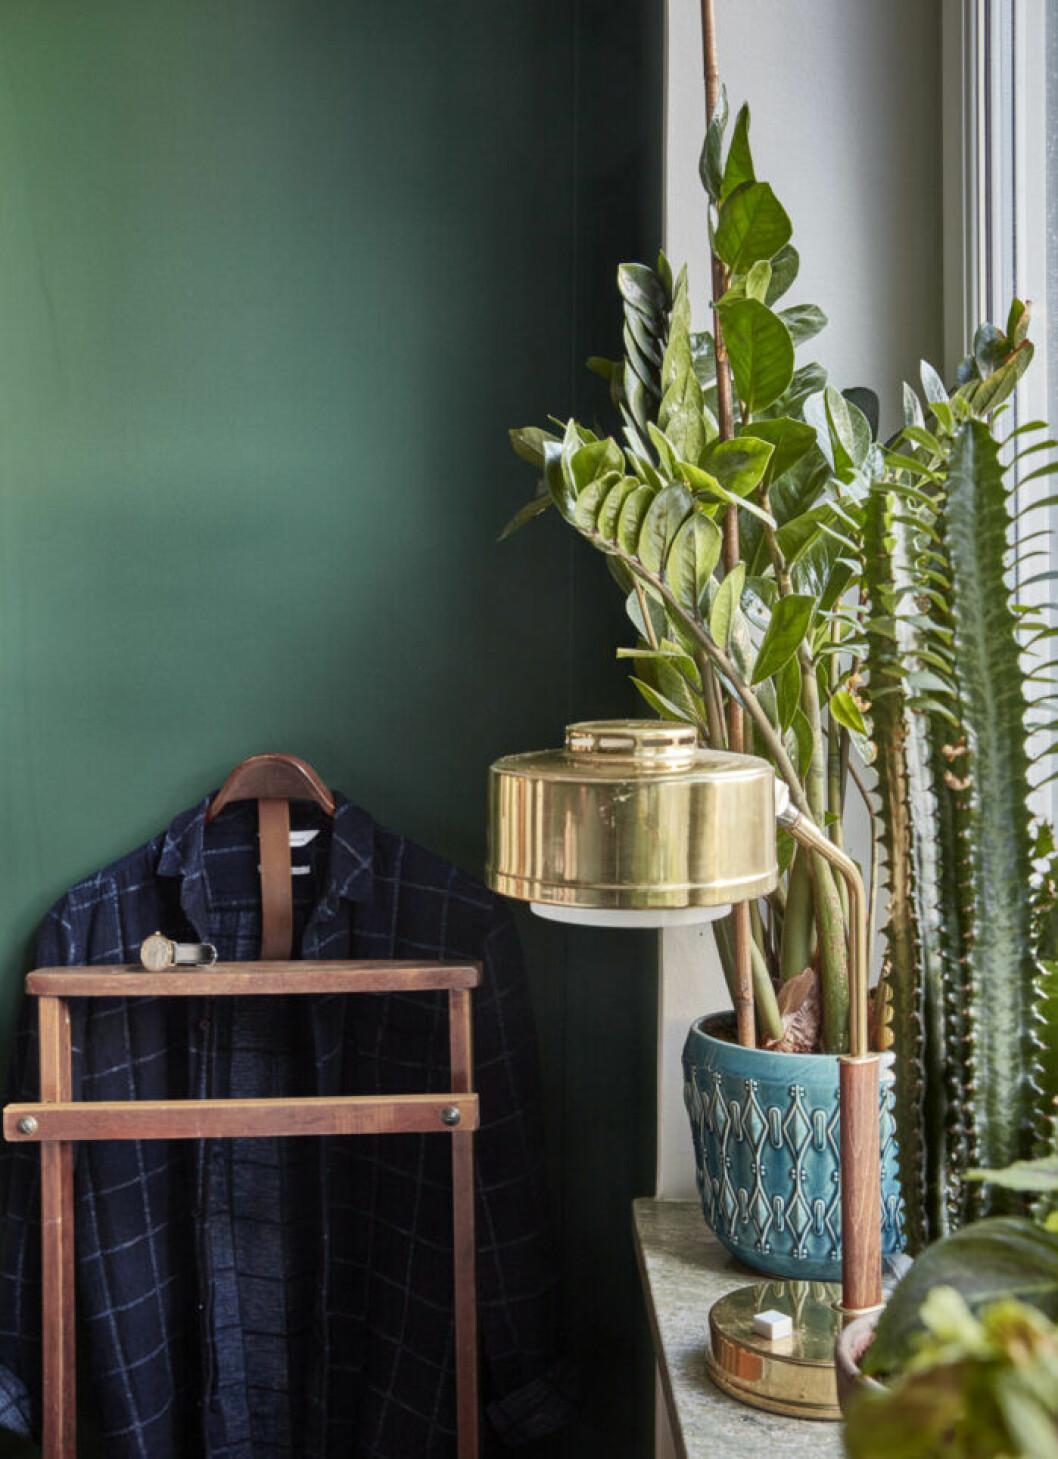 Växter i krukor på fönsterbrädan i sovrummet